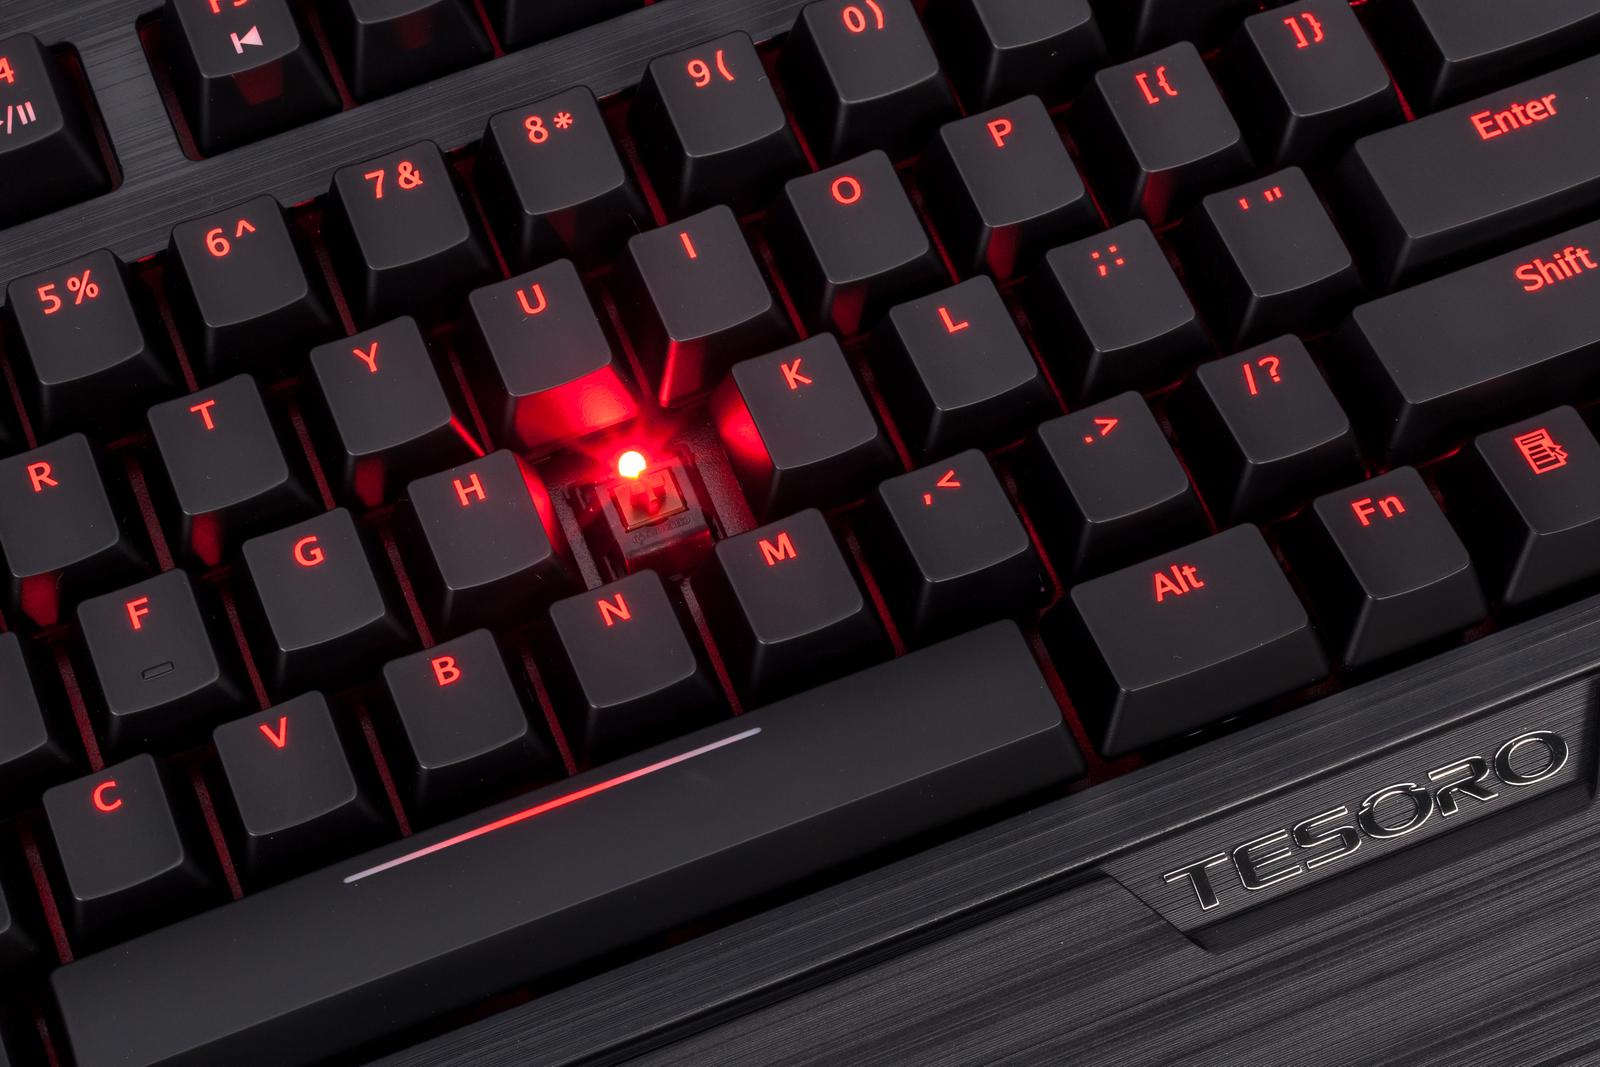 С какой клавиатуры можно включать компьютер